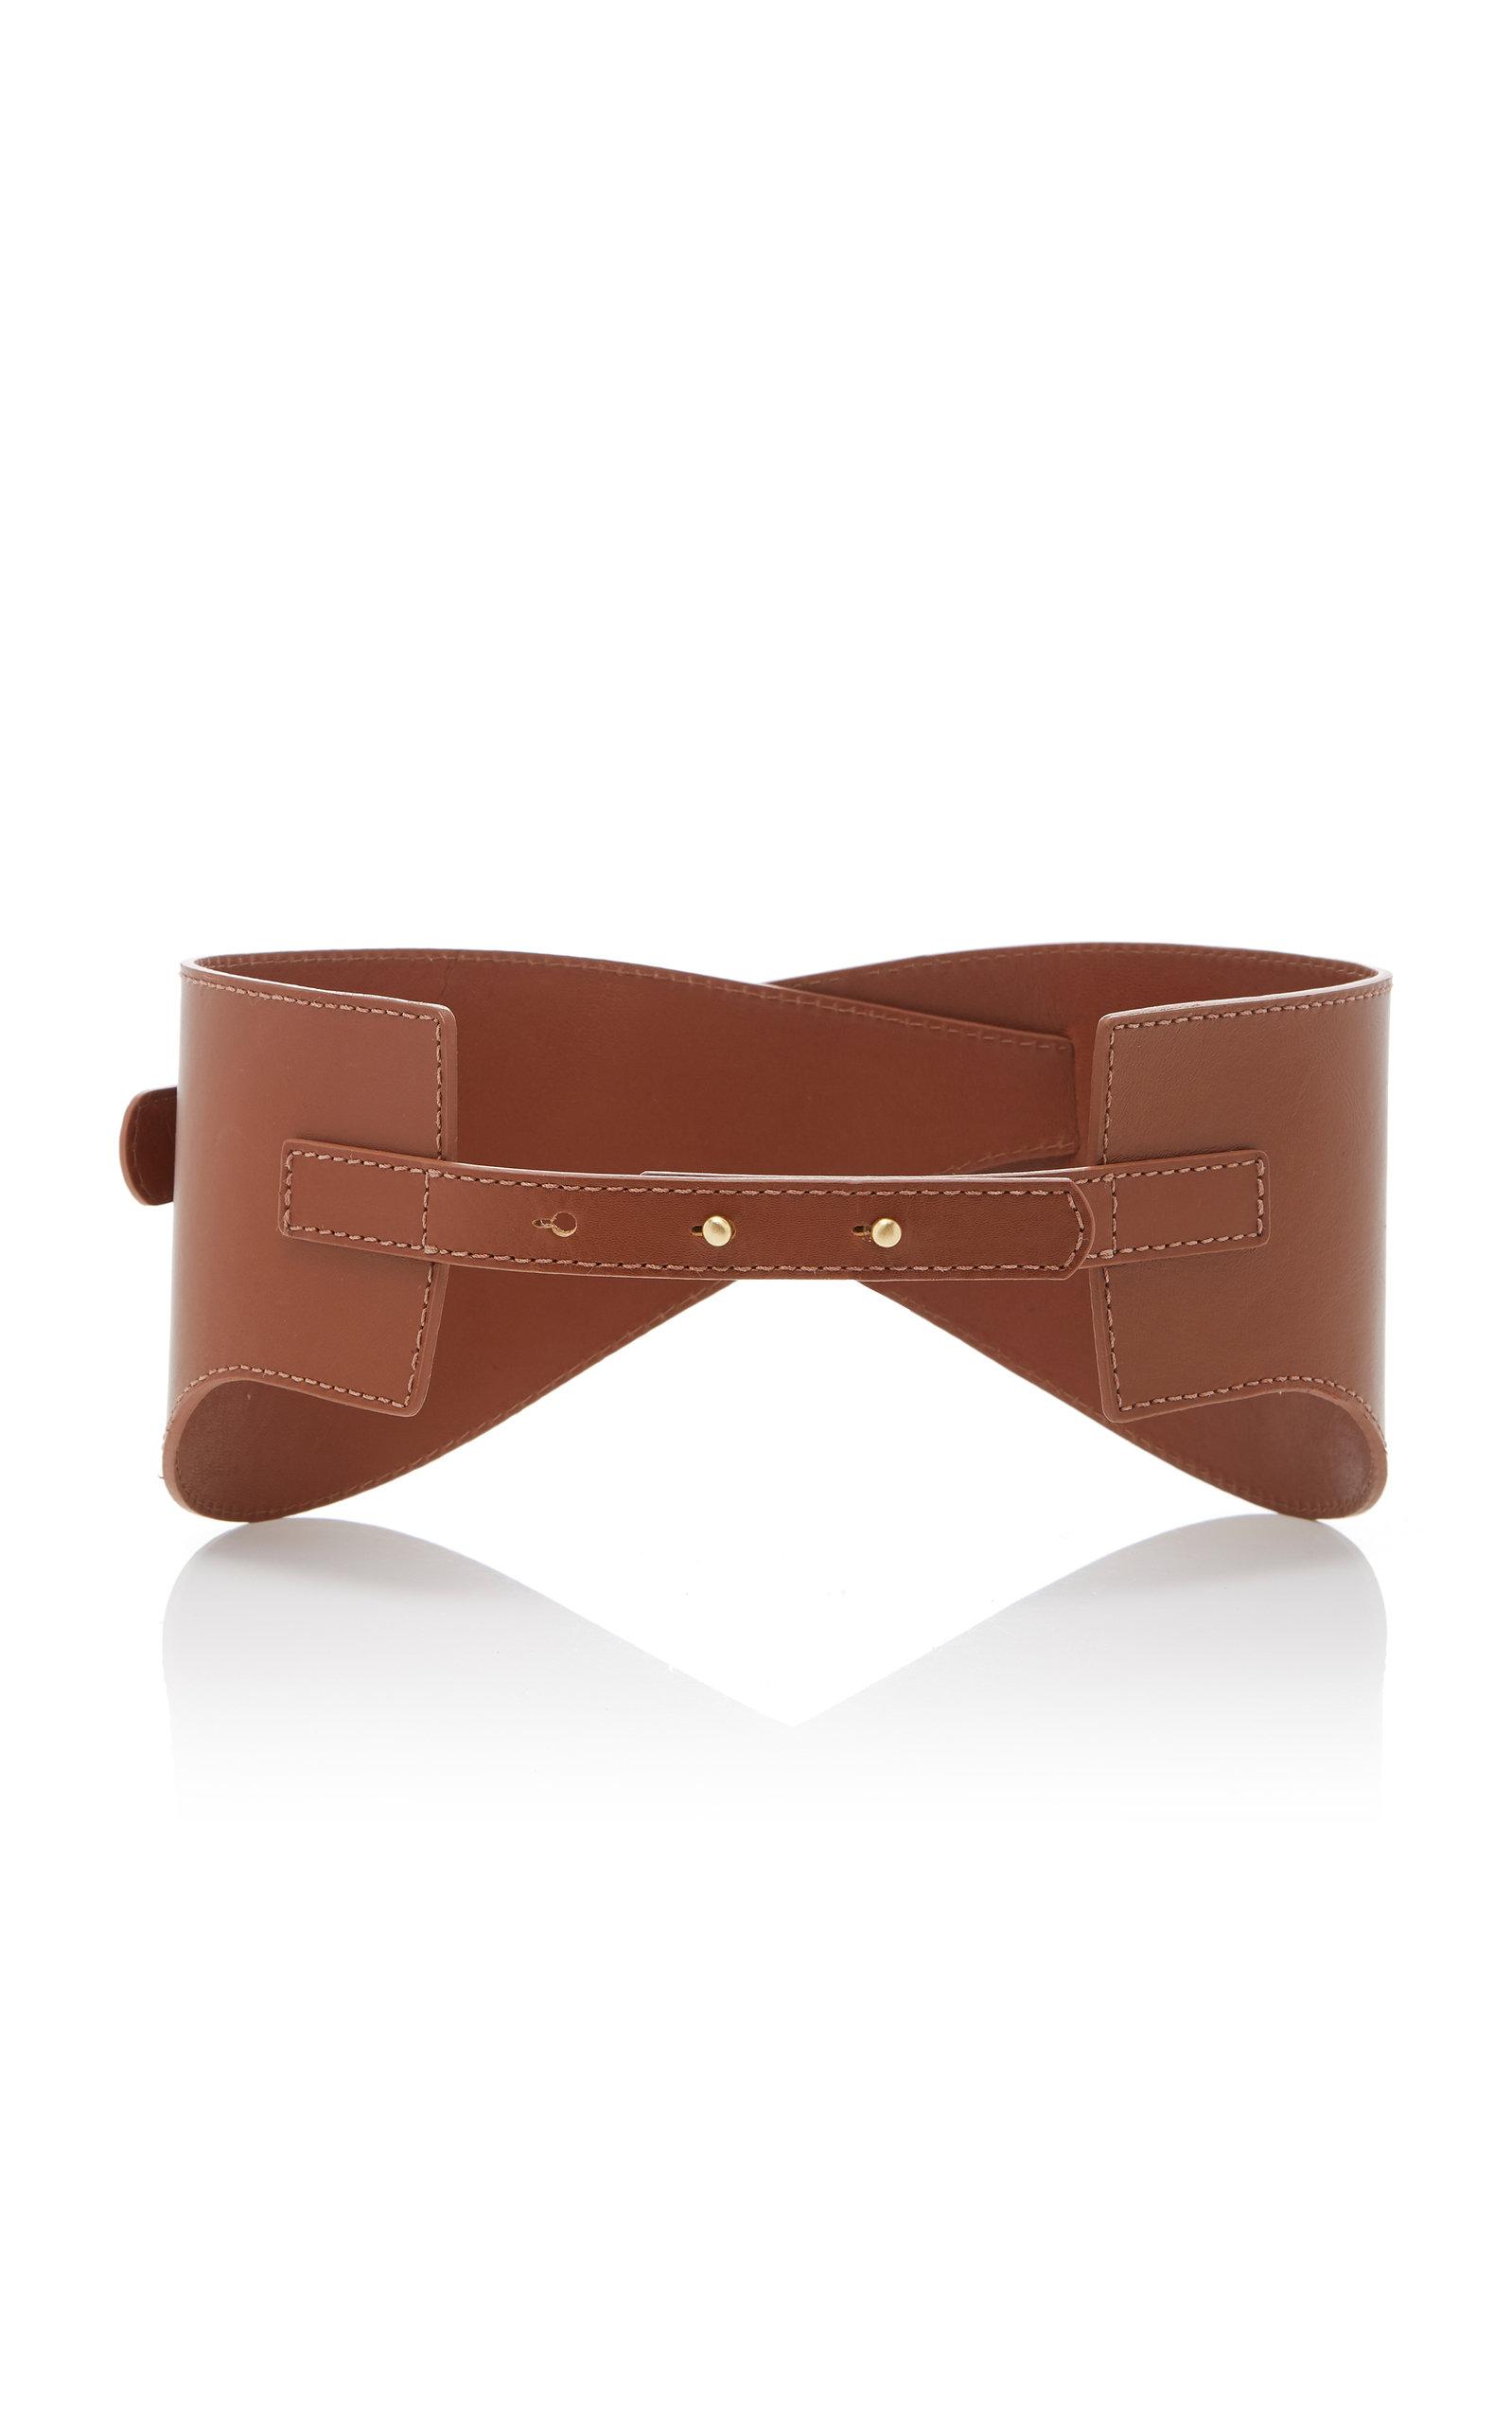 Small Leather Goods - Belts Zimmermann SCjhyCOvV